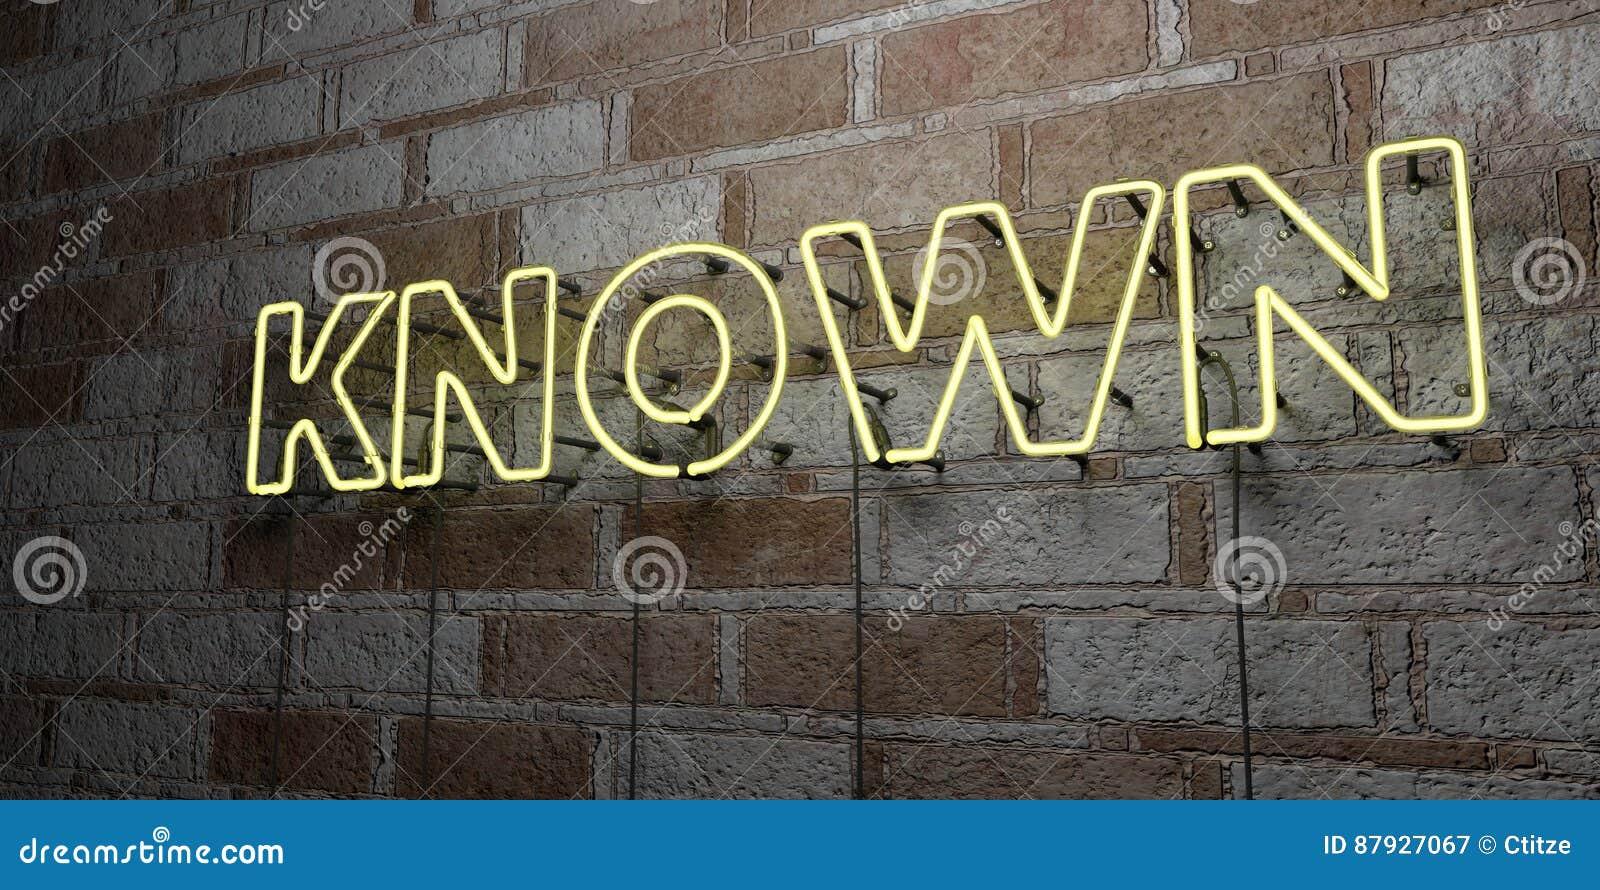 SABIDO - Señal de neón que brilla intensamente en la pared de la cantería - 3D rindió el ejemplo común libre de los derechos